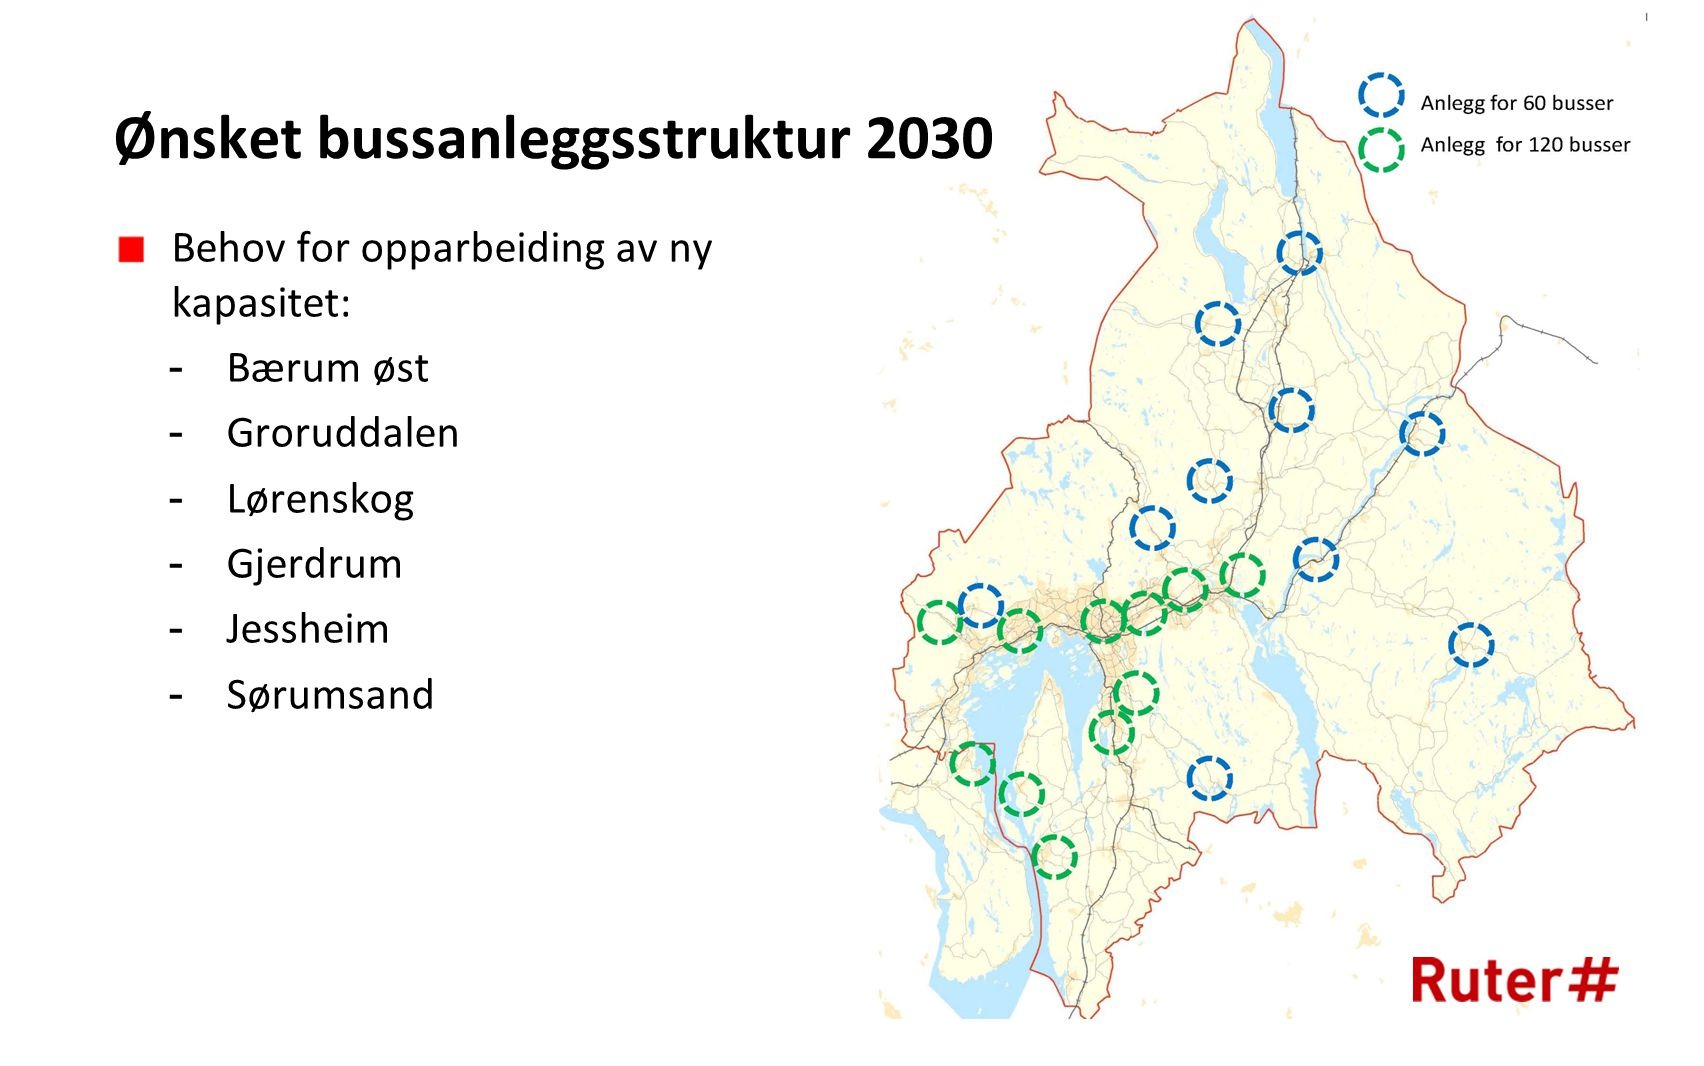 Ønsket bussanleggsstruktur 2030